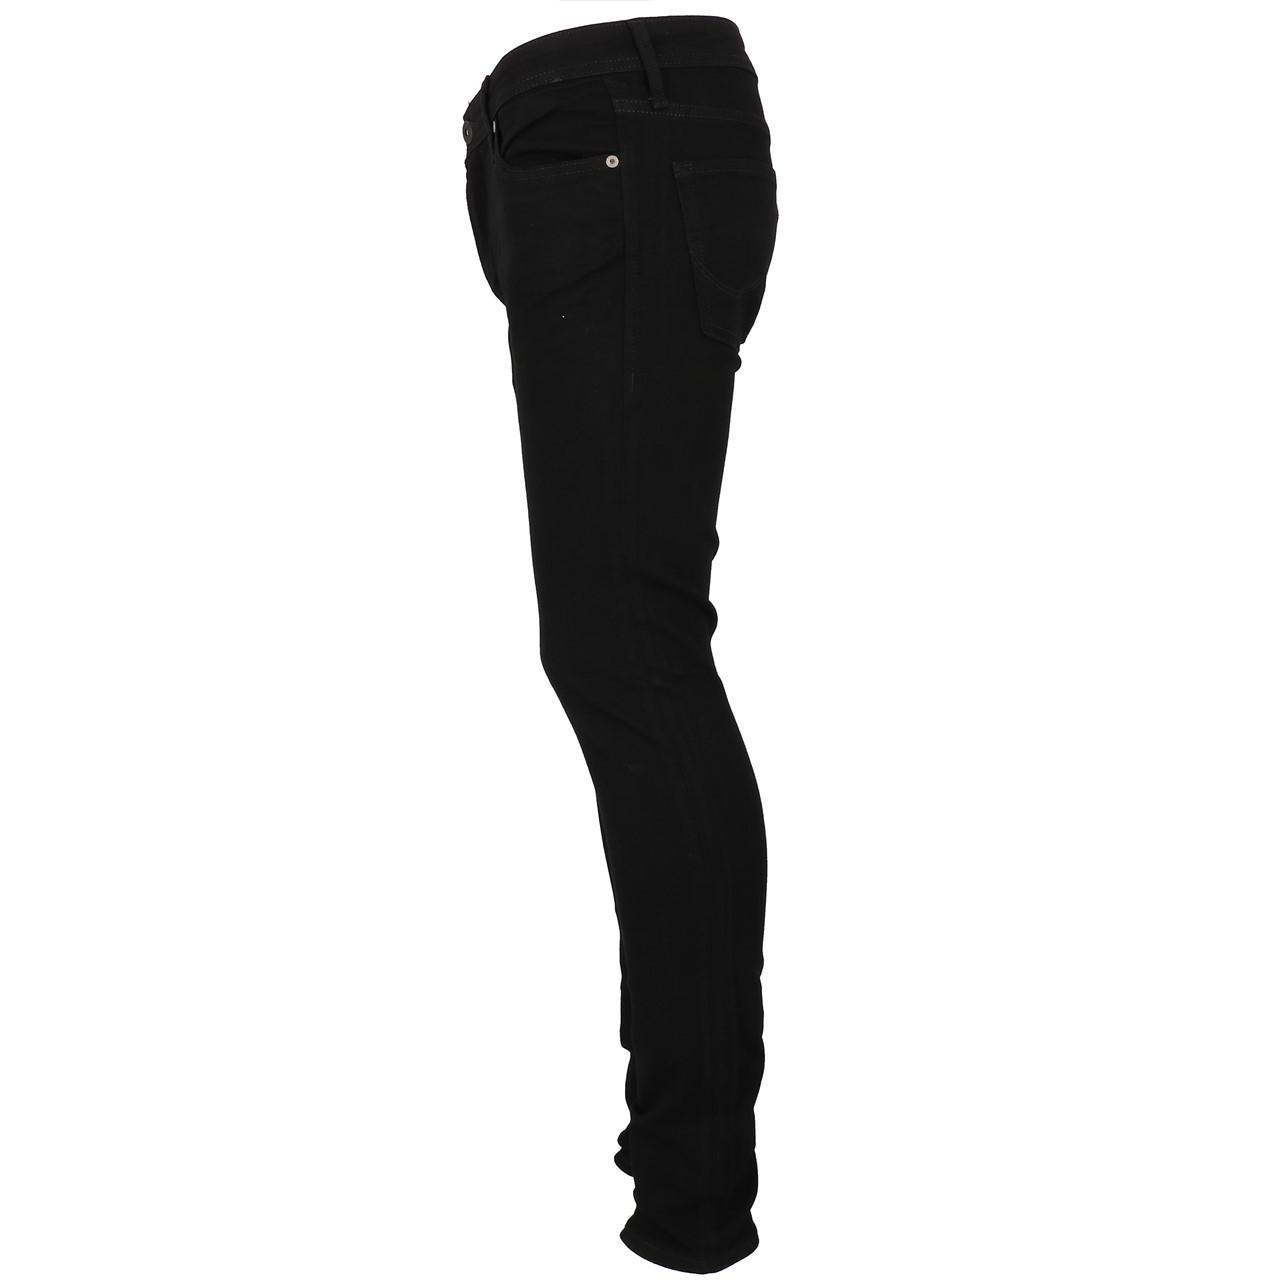 Jeans-Pants-Jack-and-jones-Liam-32-Blk-Denim-Black-Jeans-19909-New thumbnail 2